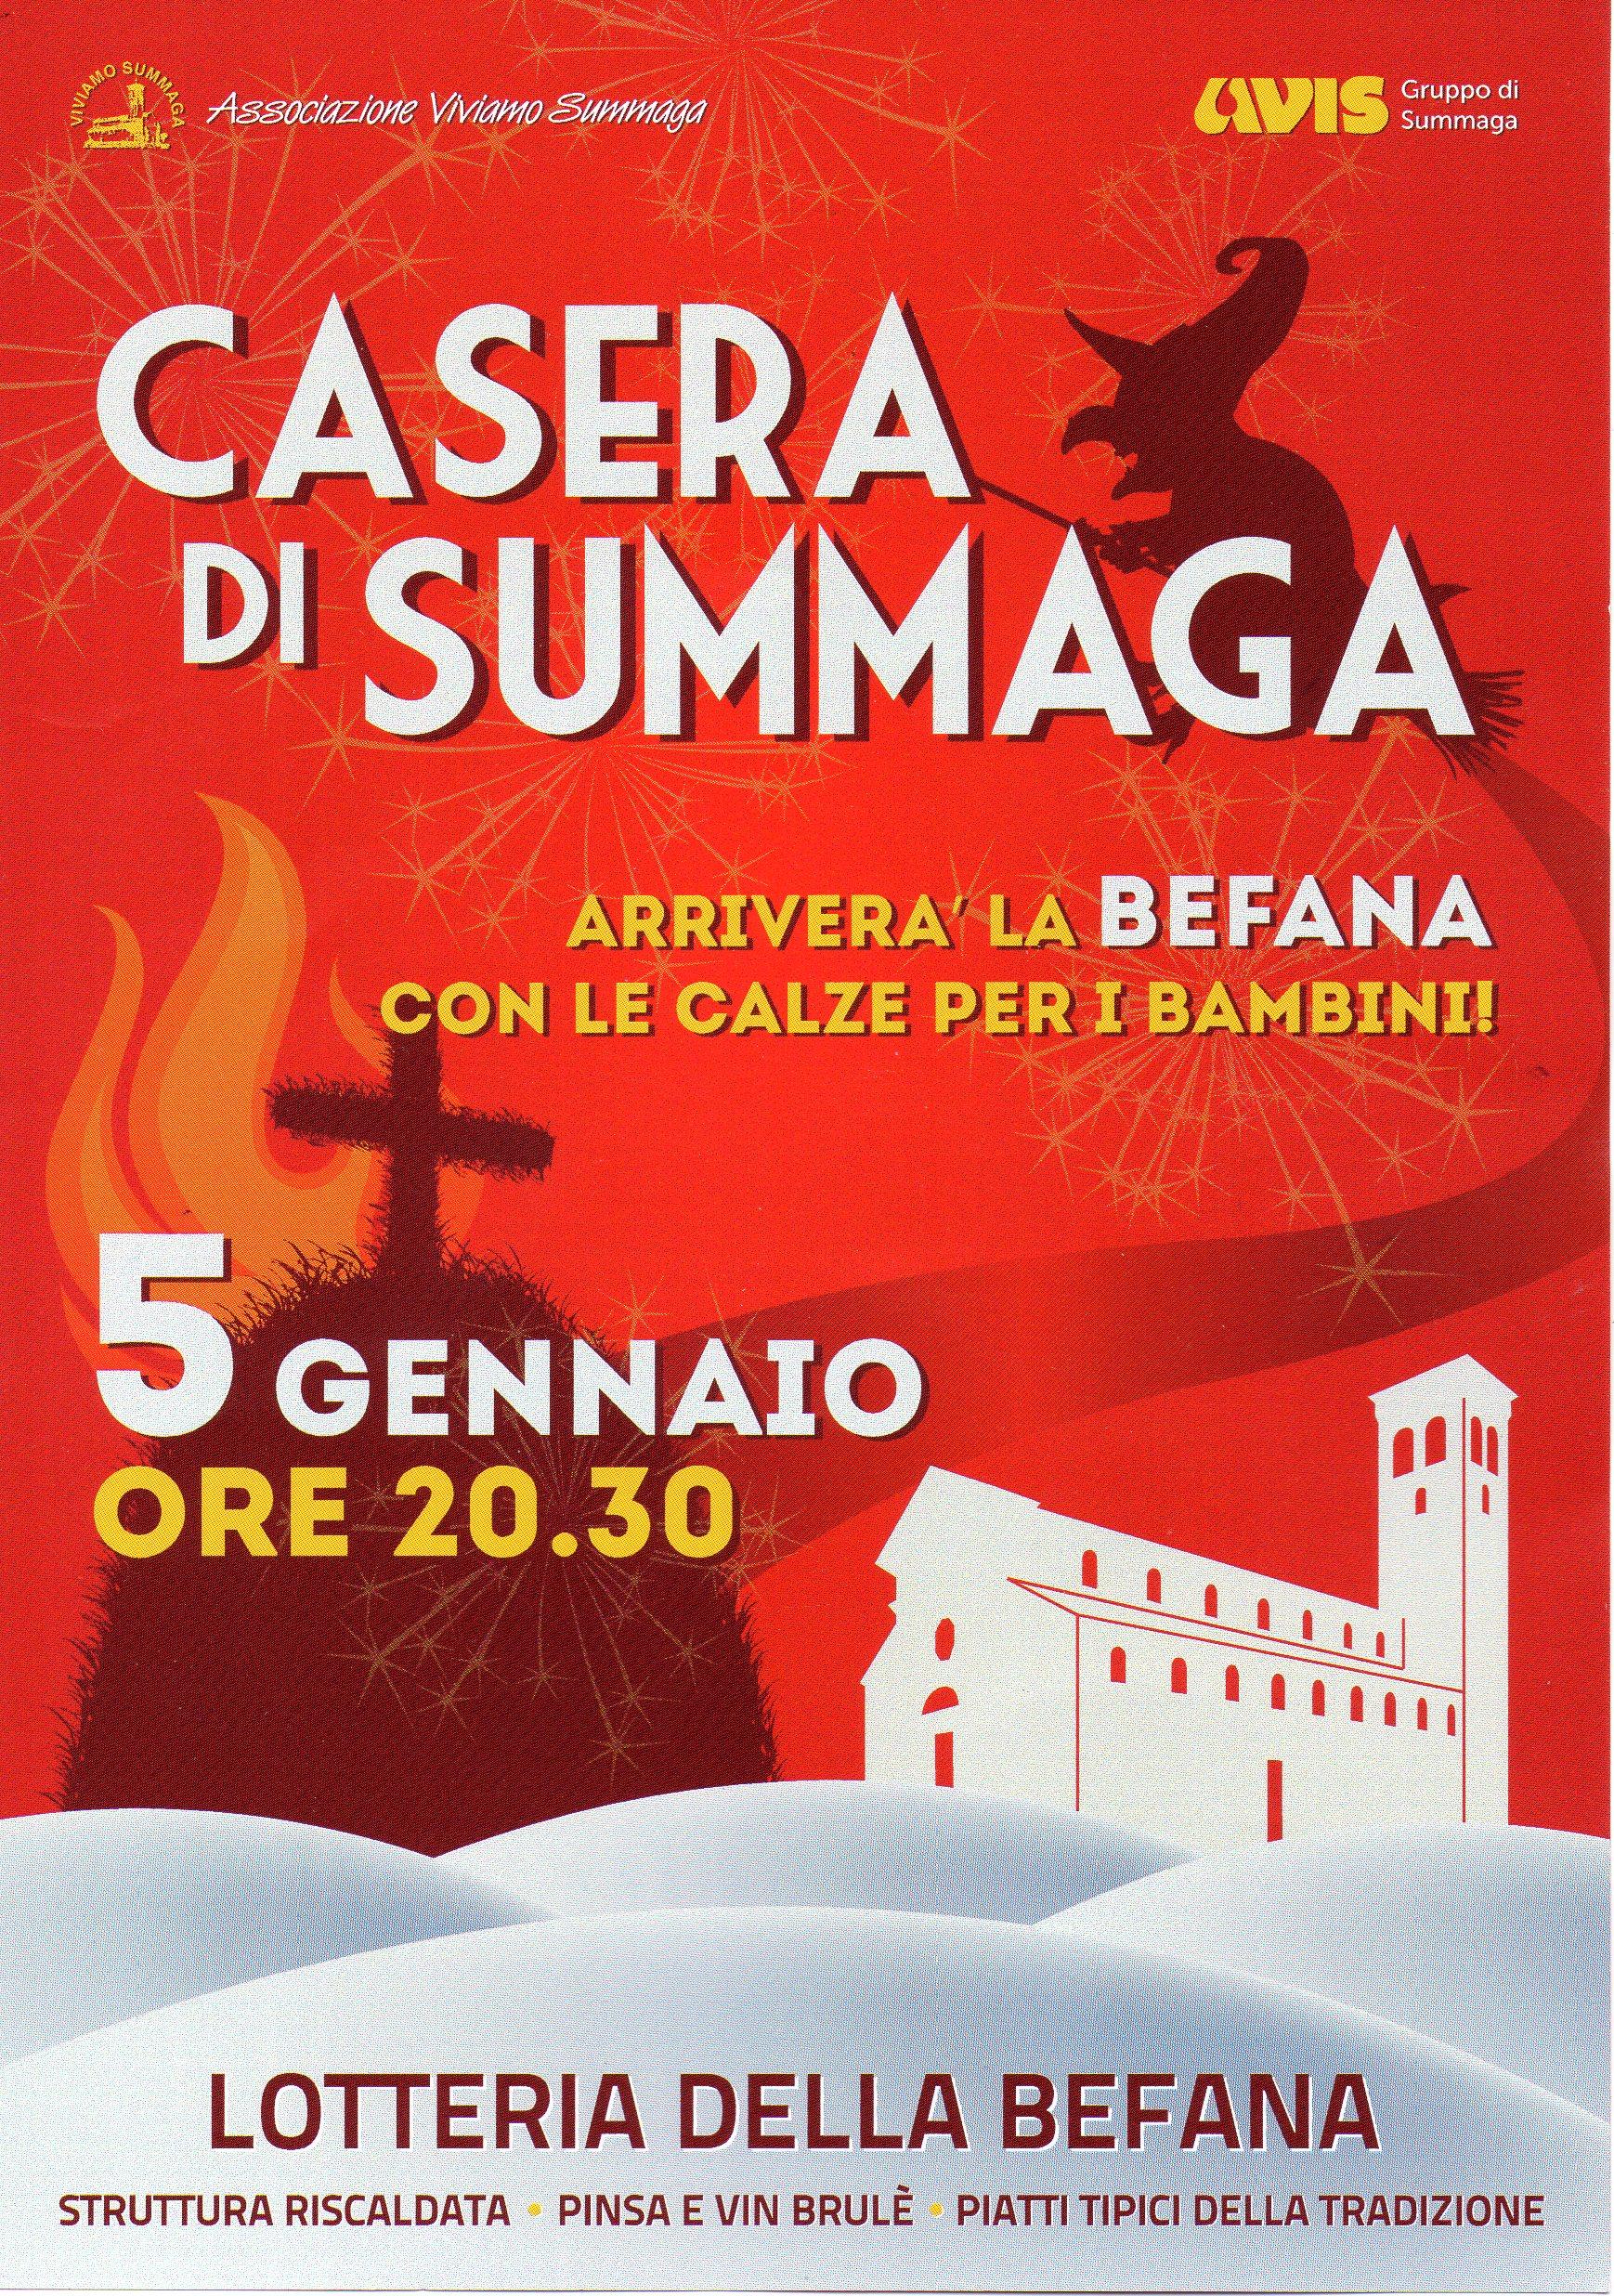 Casera Summaga 2016